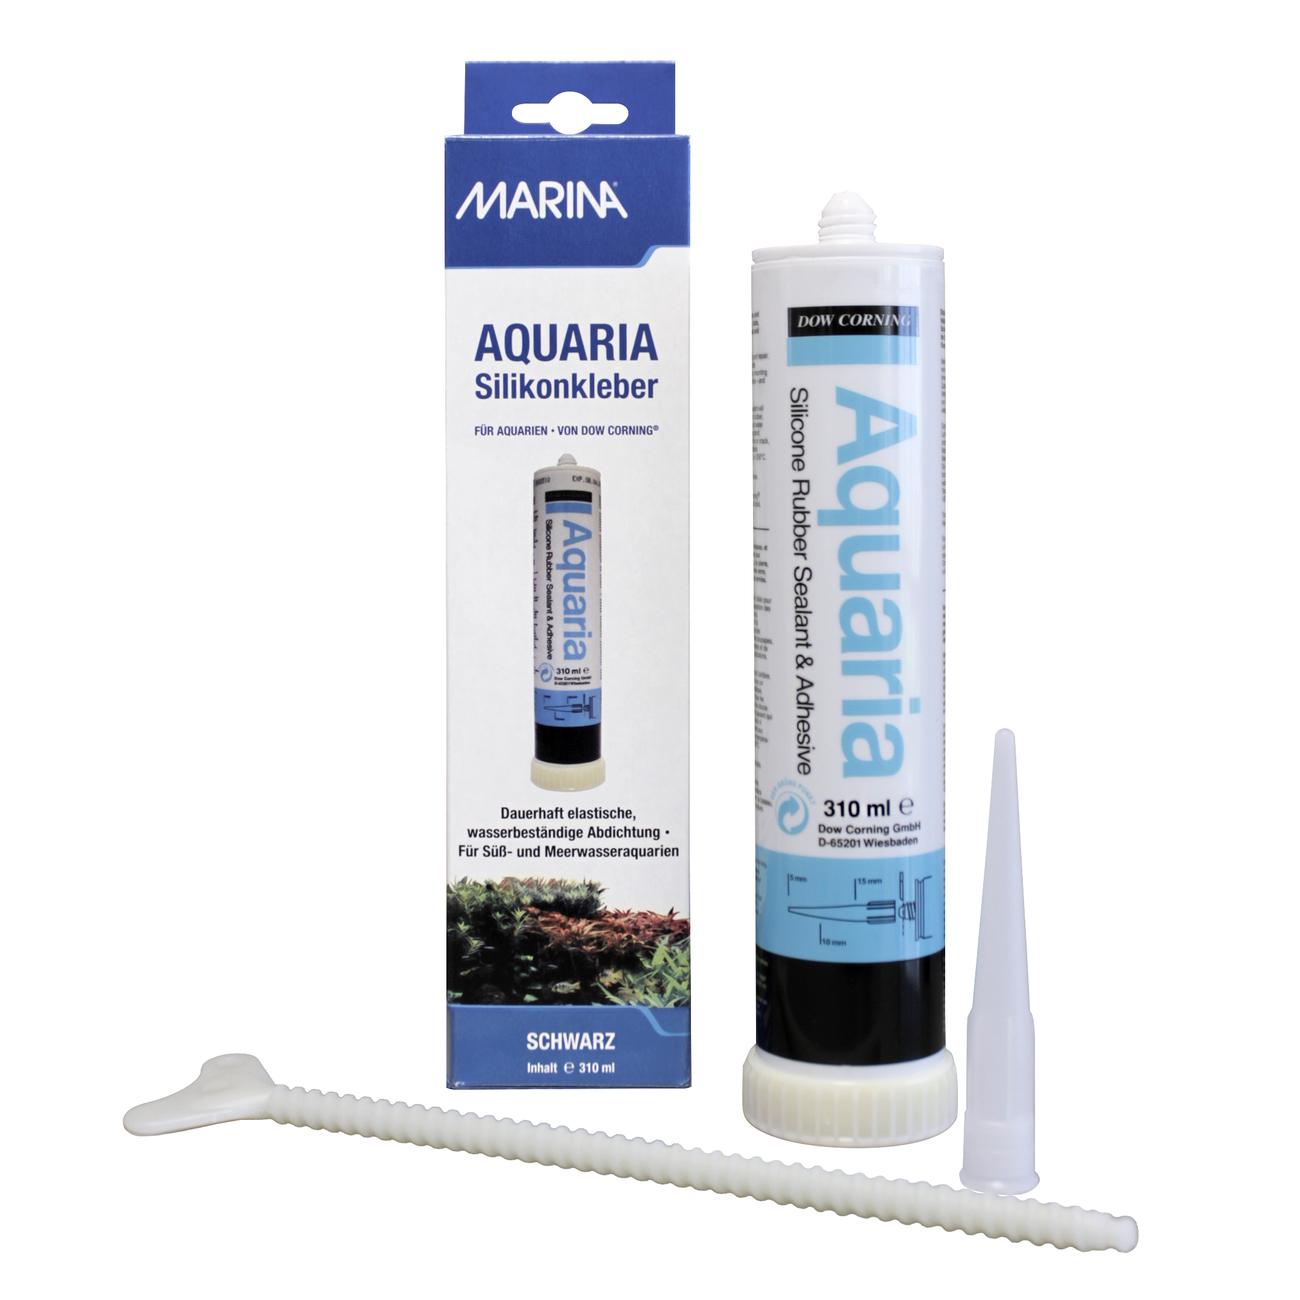 Hagen Marina Aquaria Silikonkleber, 310 ml schwarz